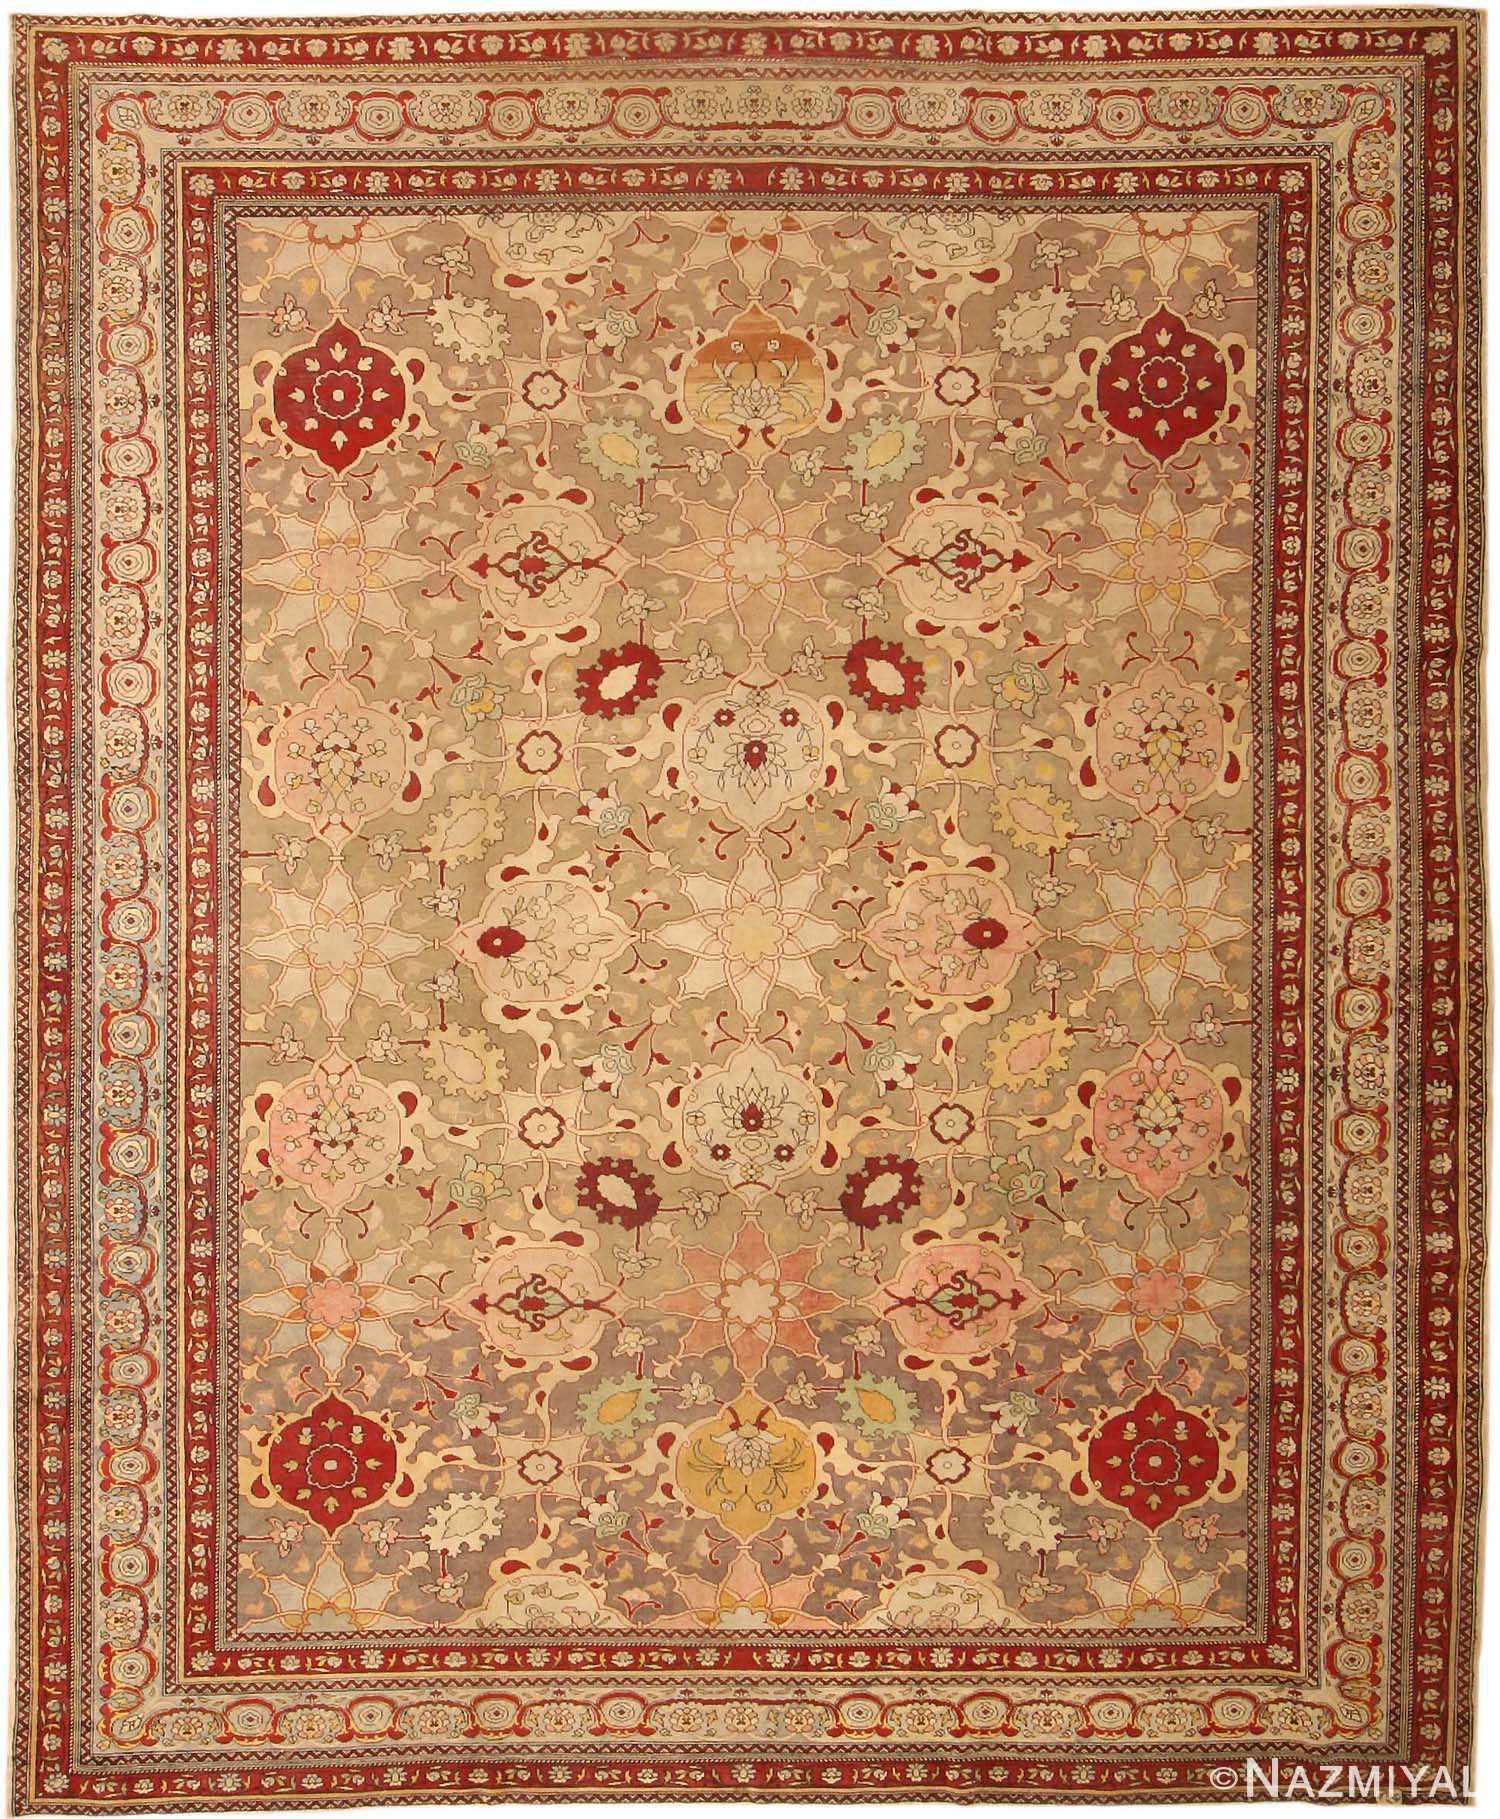 Hereke Silk Rug Youtube: Antique-hereke-turkish-rug-47043-detail.jpg (JPEG Image